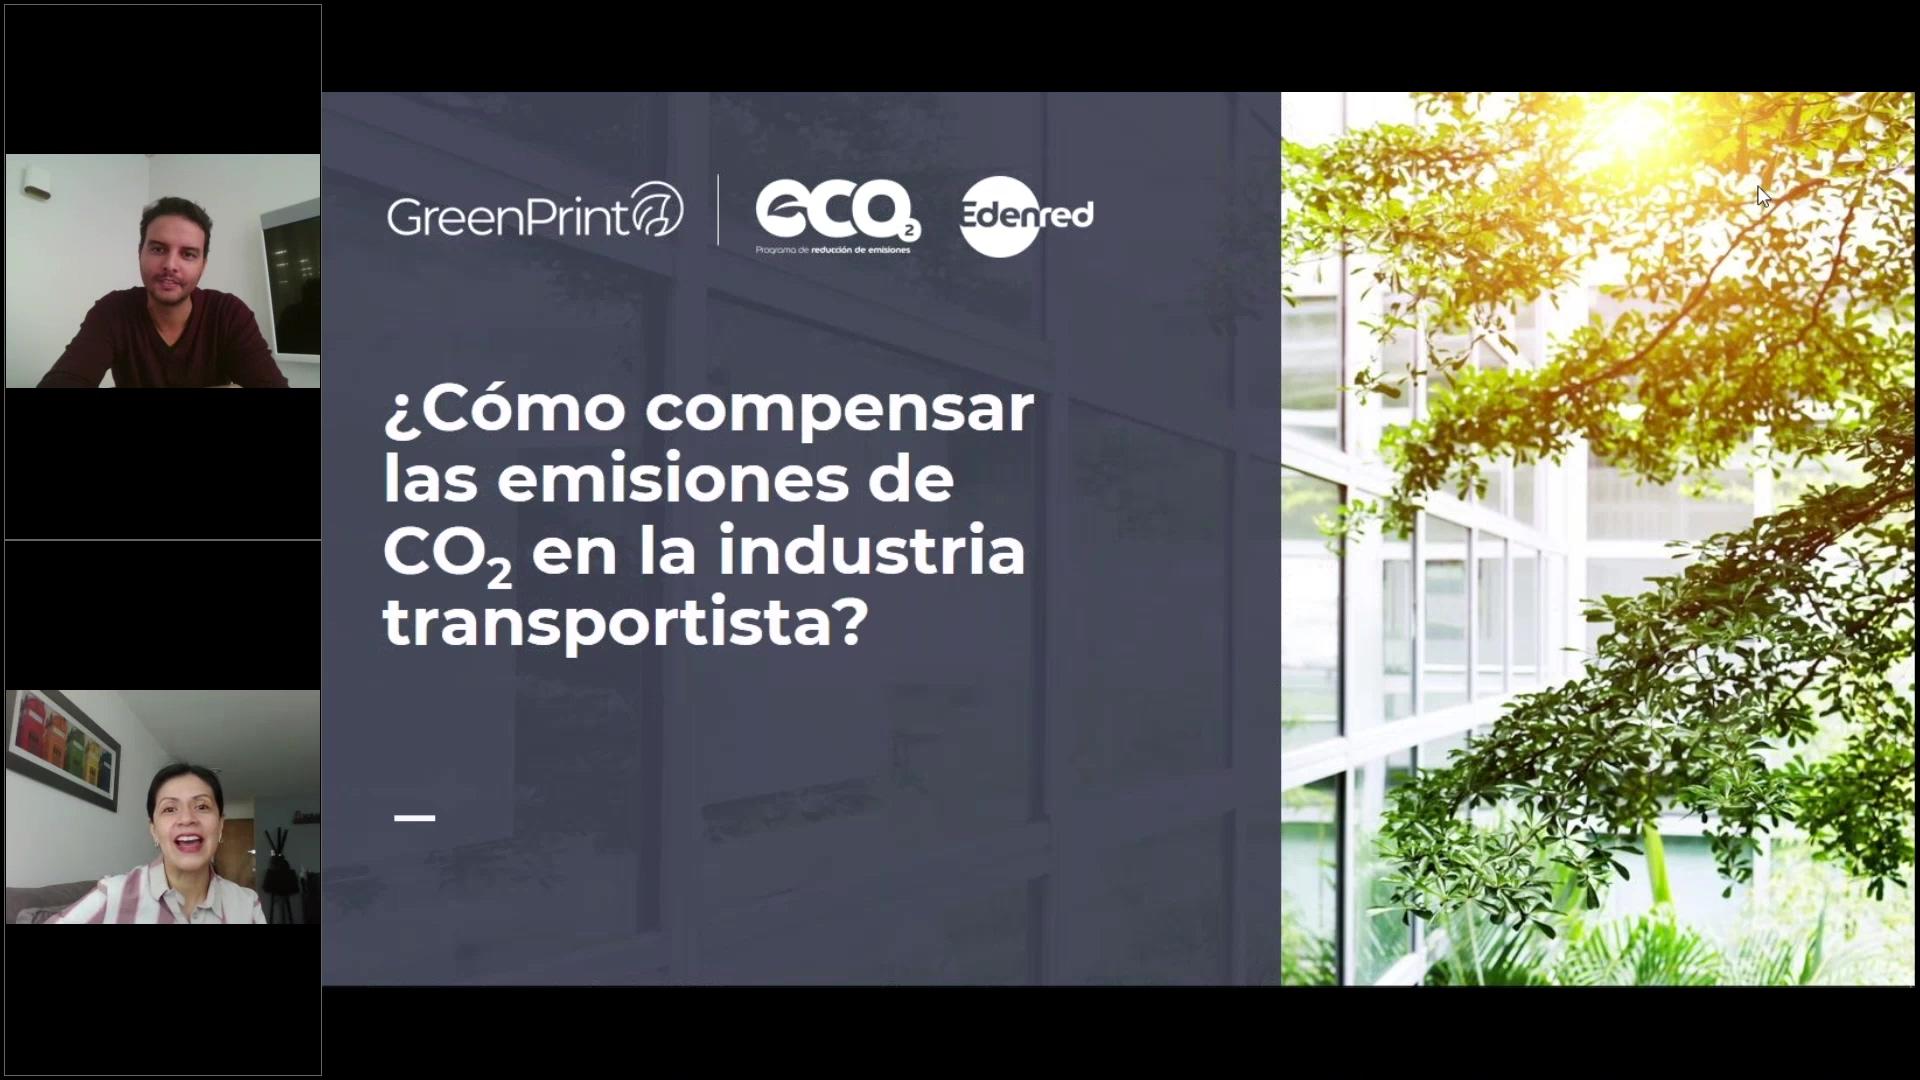 66 clip webinar ¿Cómo compensar las emisiones de CO2 en la industria transportista?